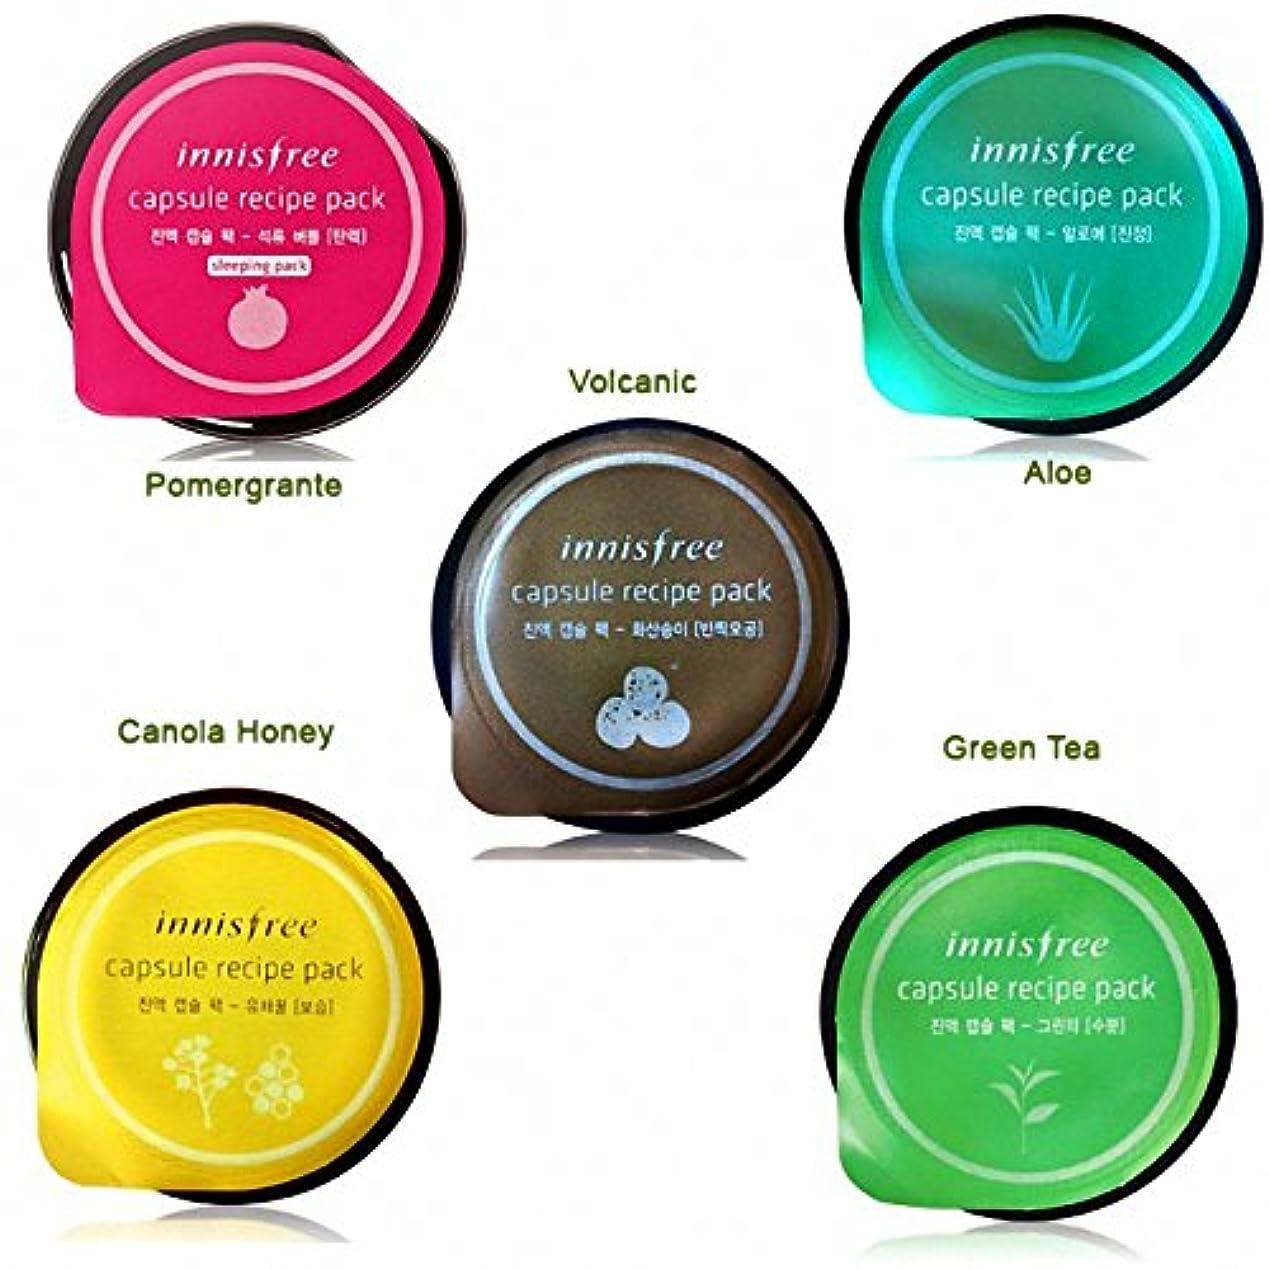 雇用報復病気のイニスフリー Innisfree 津液 カプセルパックセット(10mlx5種類) Innisfree Capsule Recipe Pack Set(10mlx5Kinds)[海外直送品]